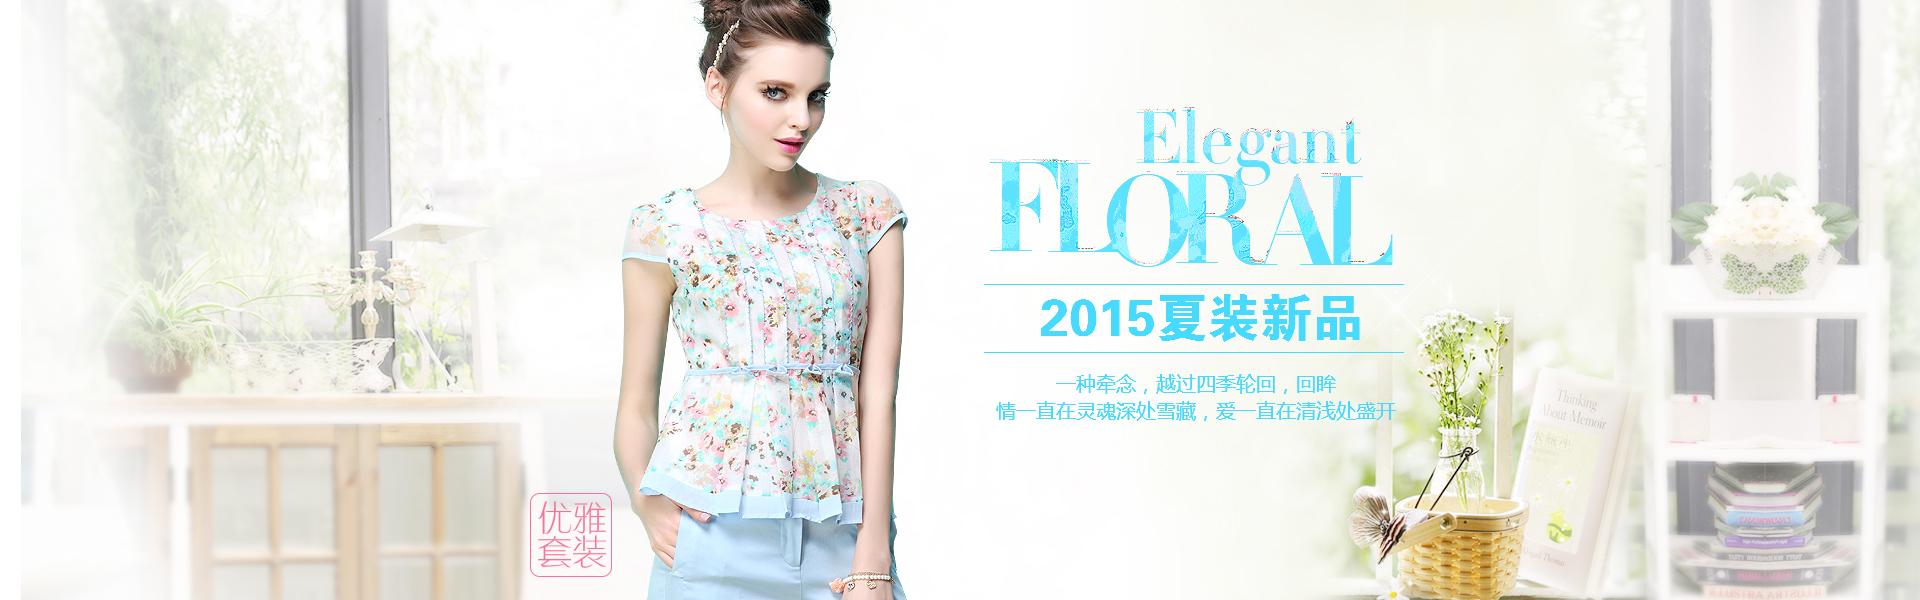 蓝色优雅女装套装2015夏季新品淘宝店铺天猫旺铺装修全屏海报图片在线制作